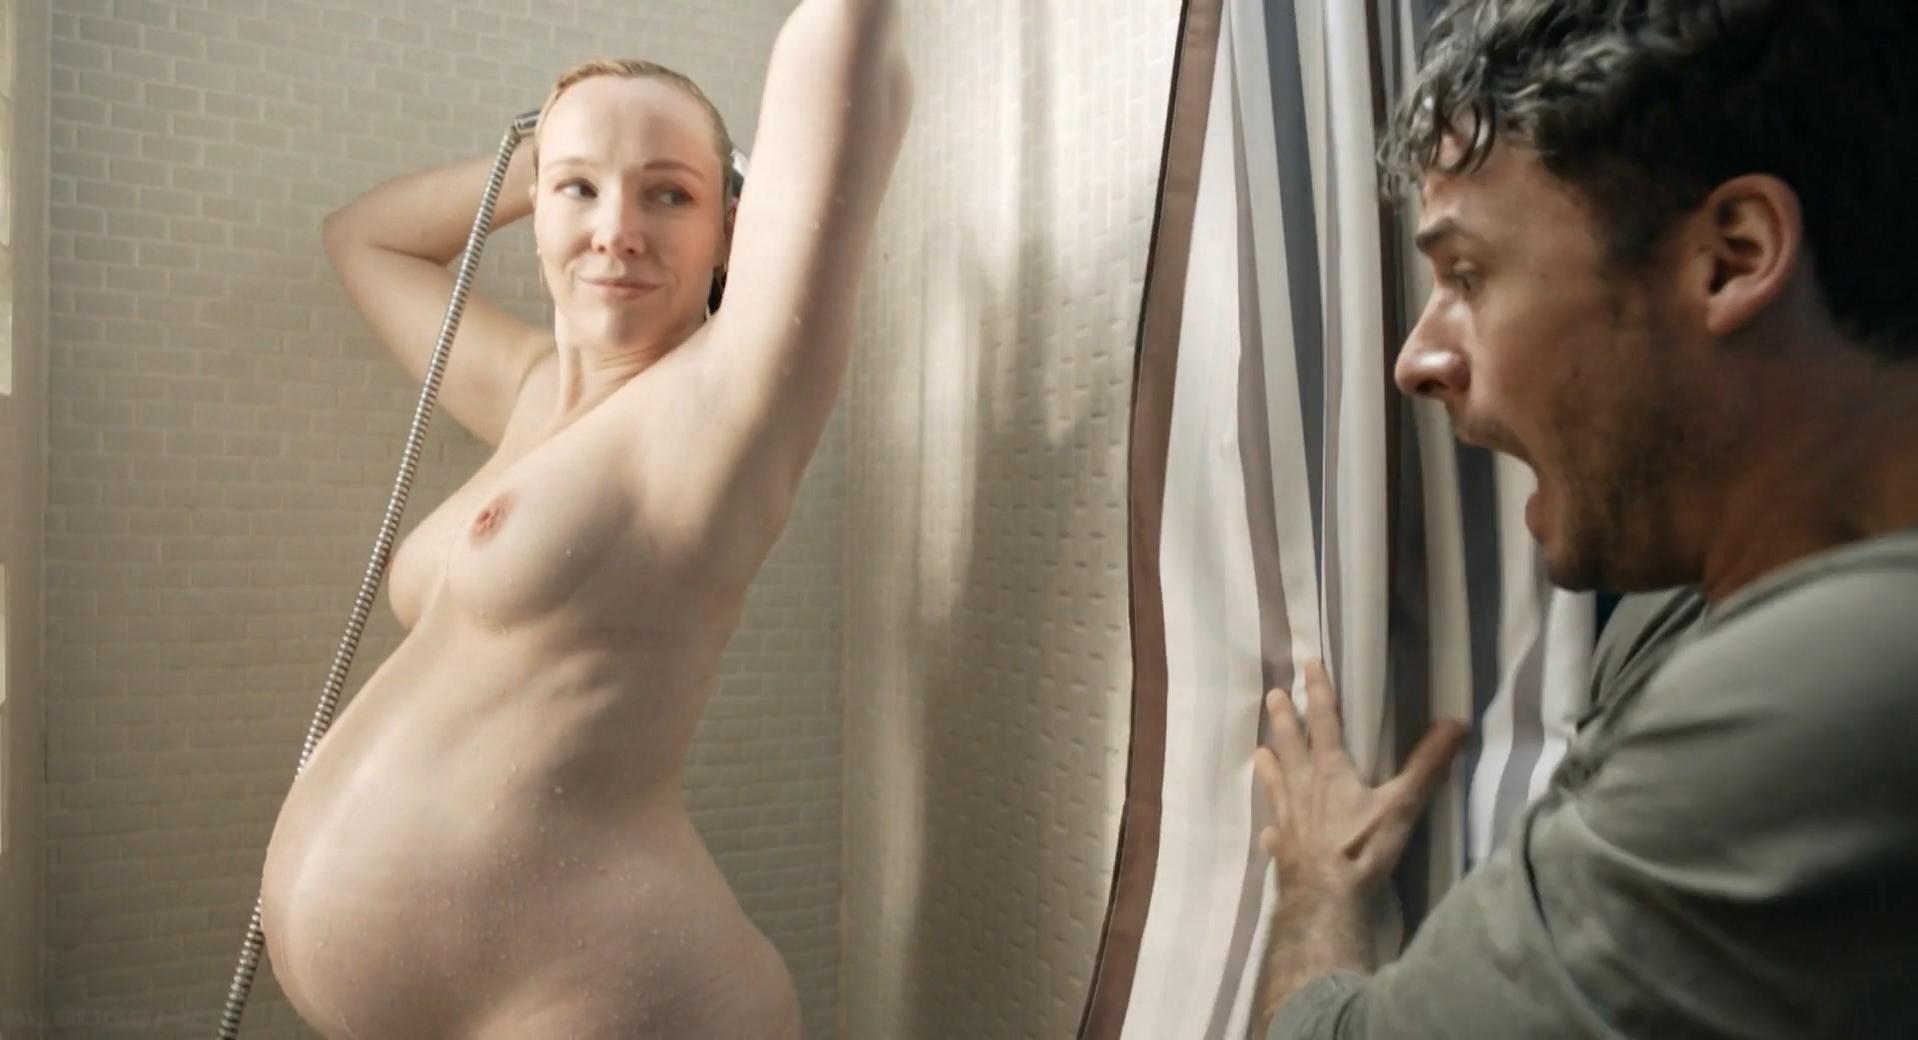 Catherine Sophie Labe nude, Kerstin Kehr nude - Kein Sex ist auch keine Losung (2011)